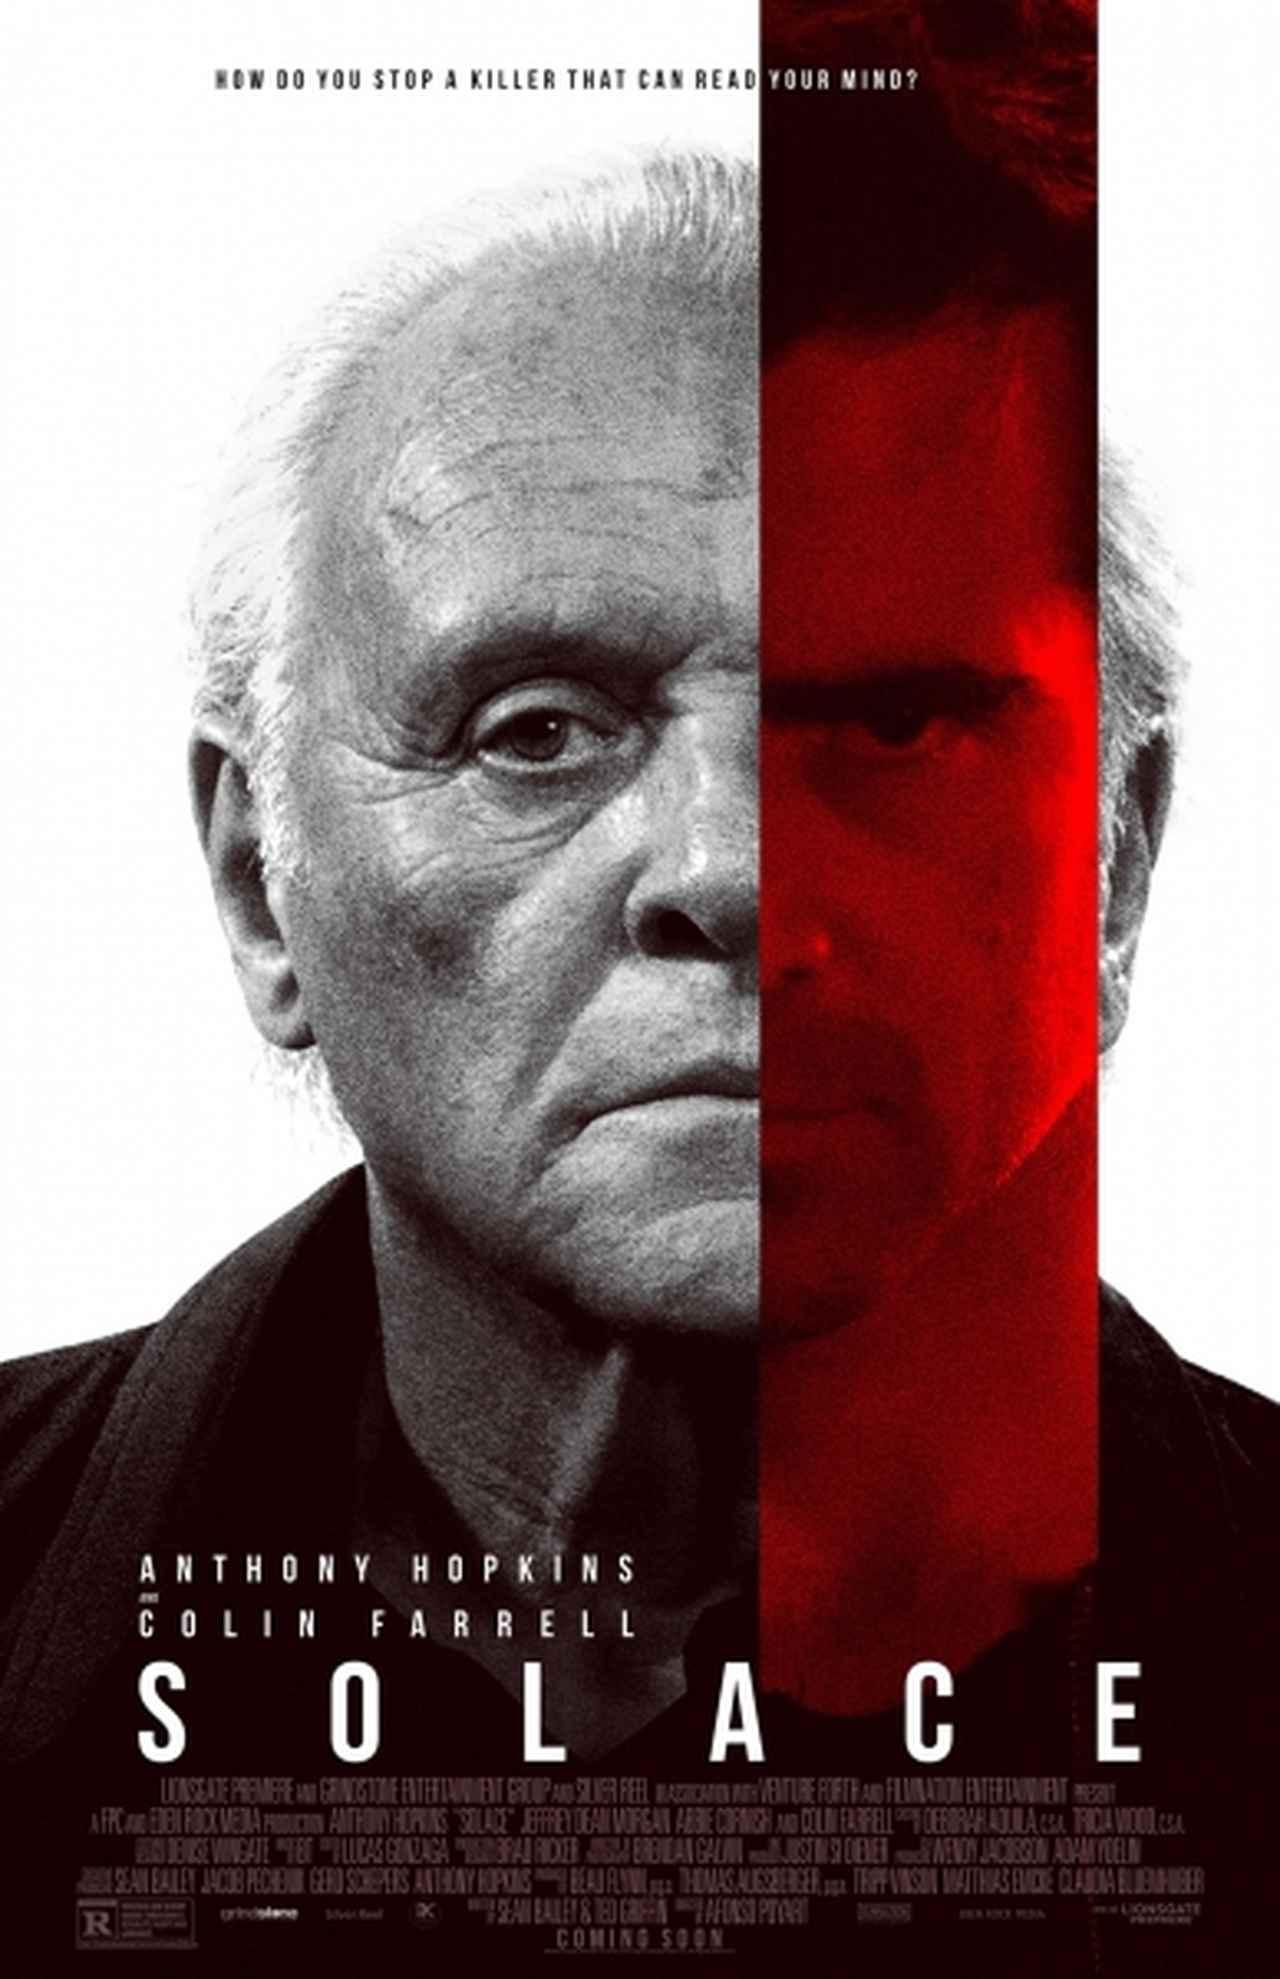 画像2: http://www.joblo.com/movie-posters/2016/solace